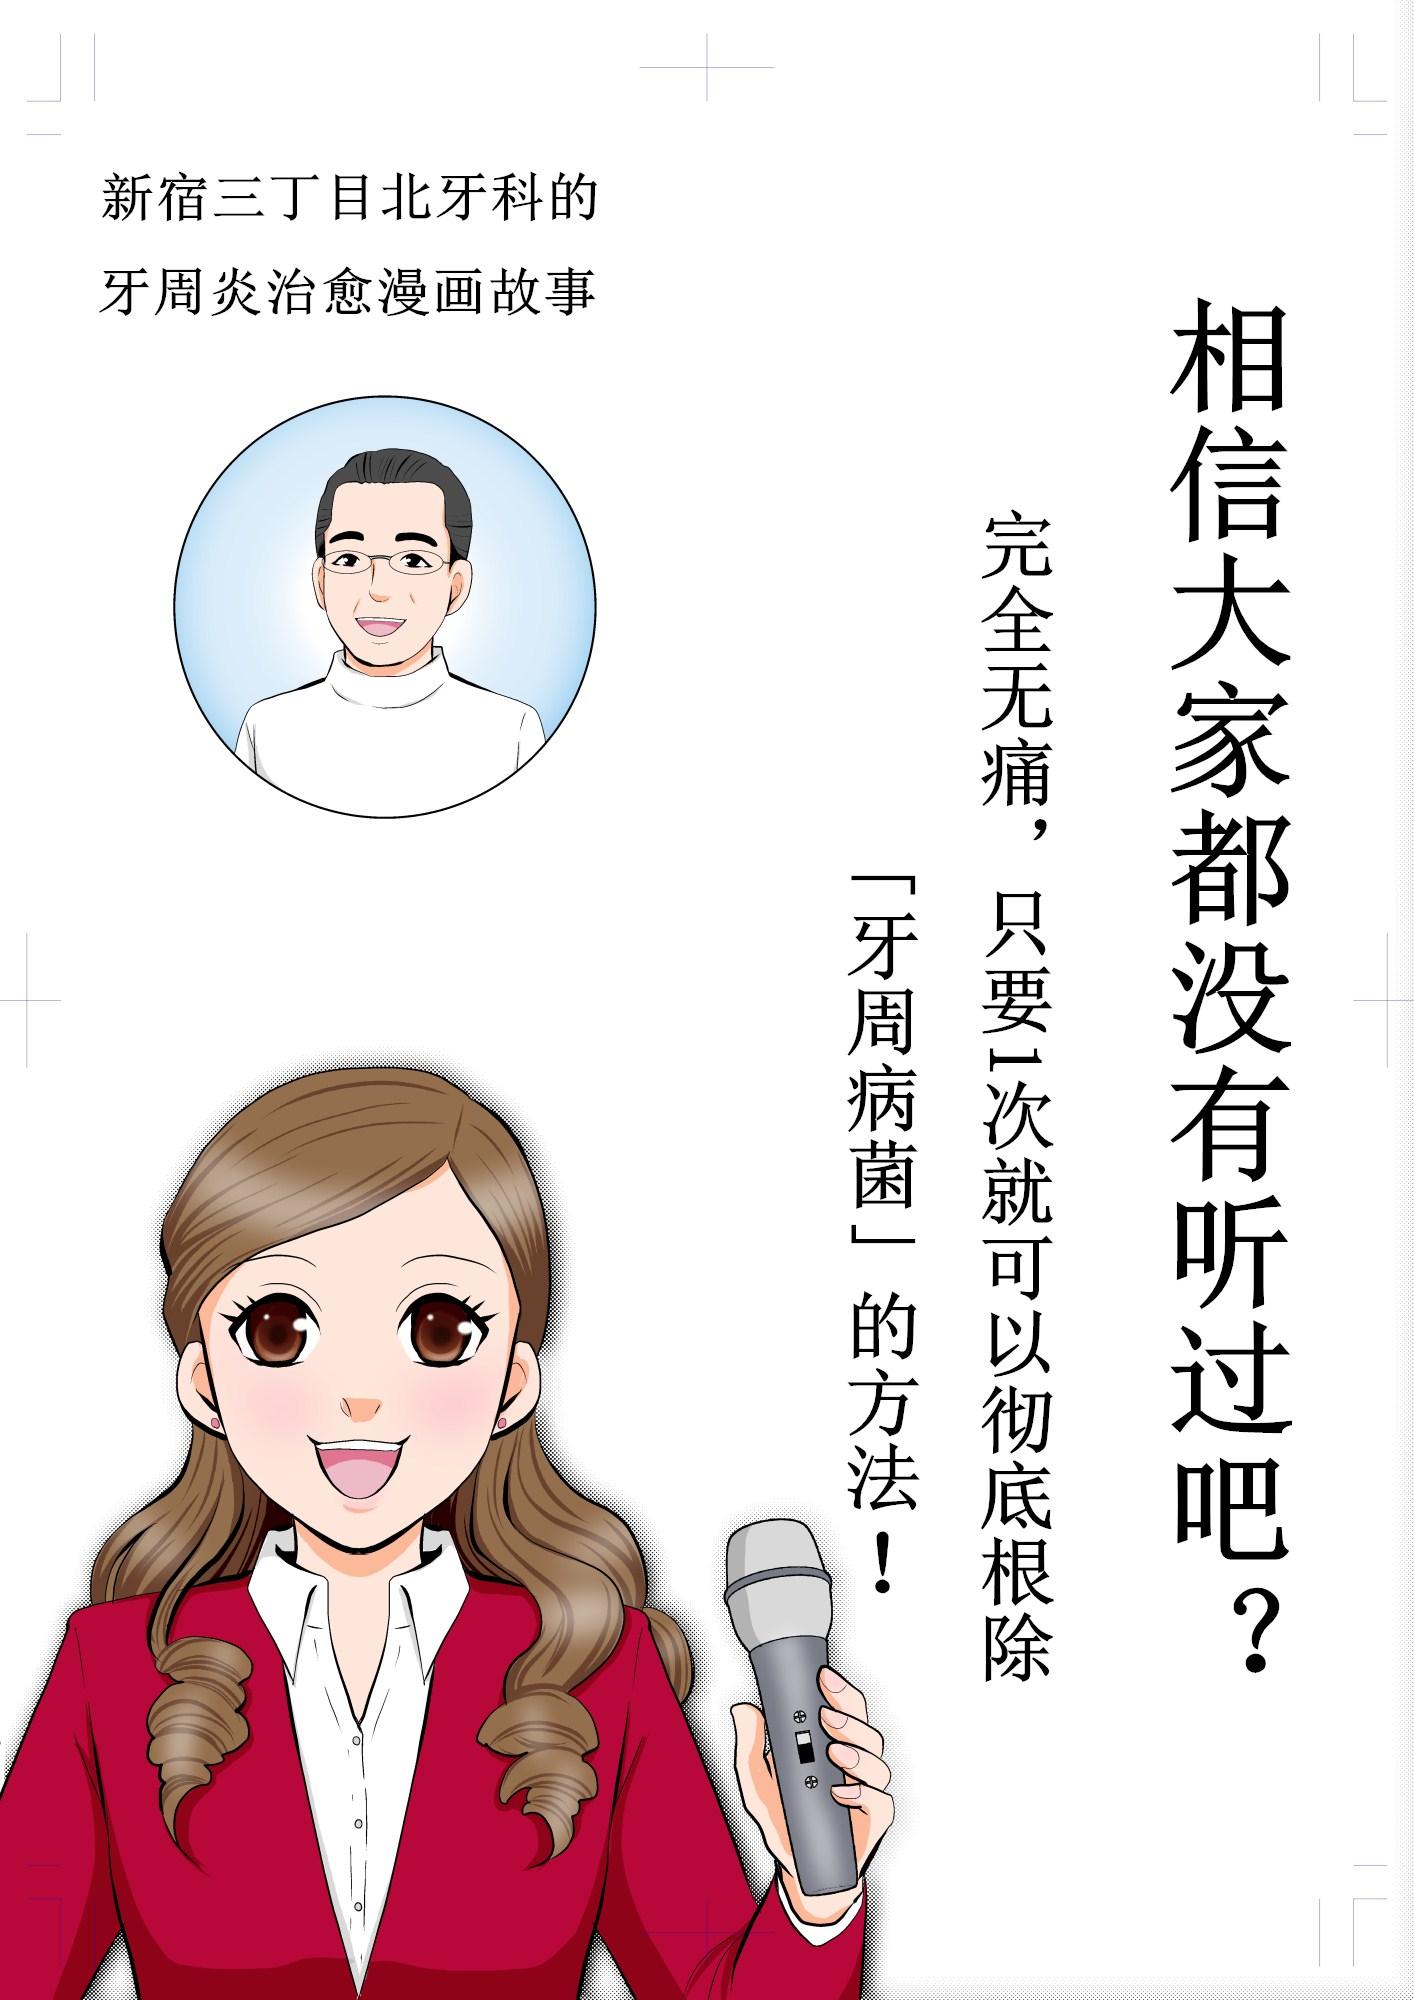 新宿三丁目北牙科的牙周炎治愈漫画故事